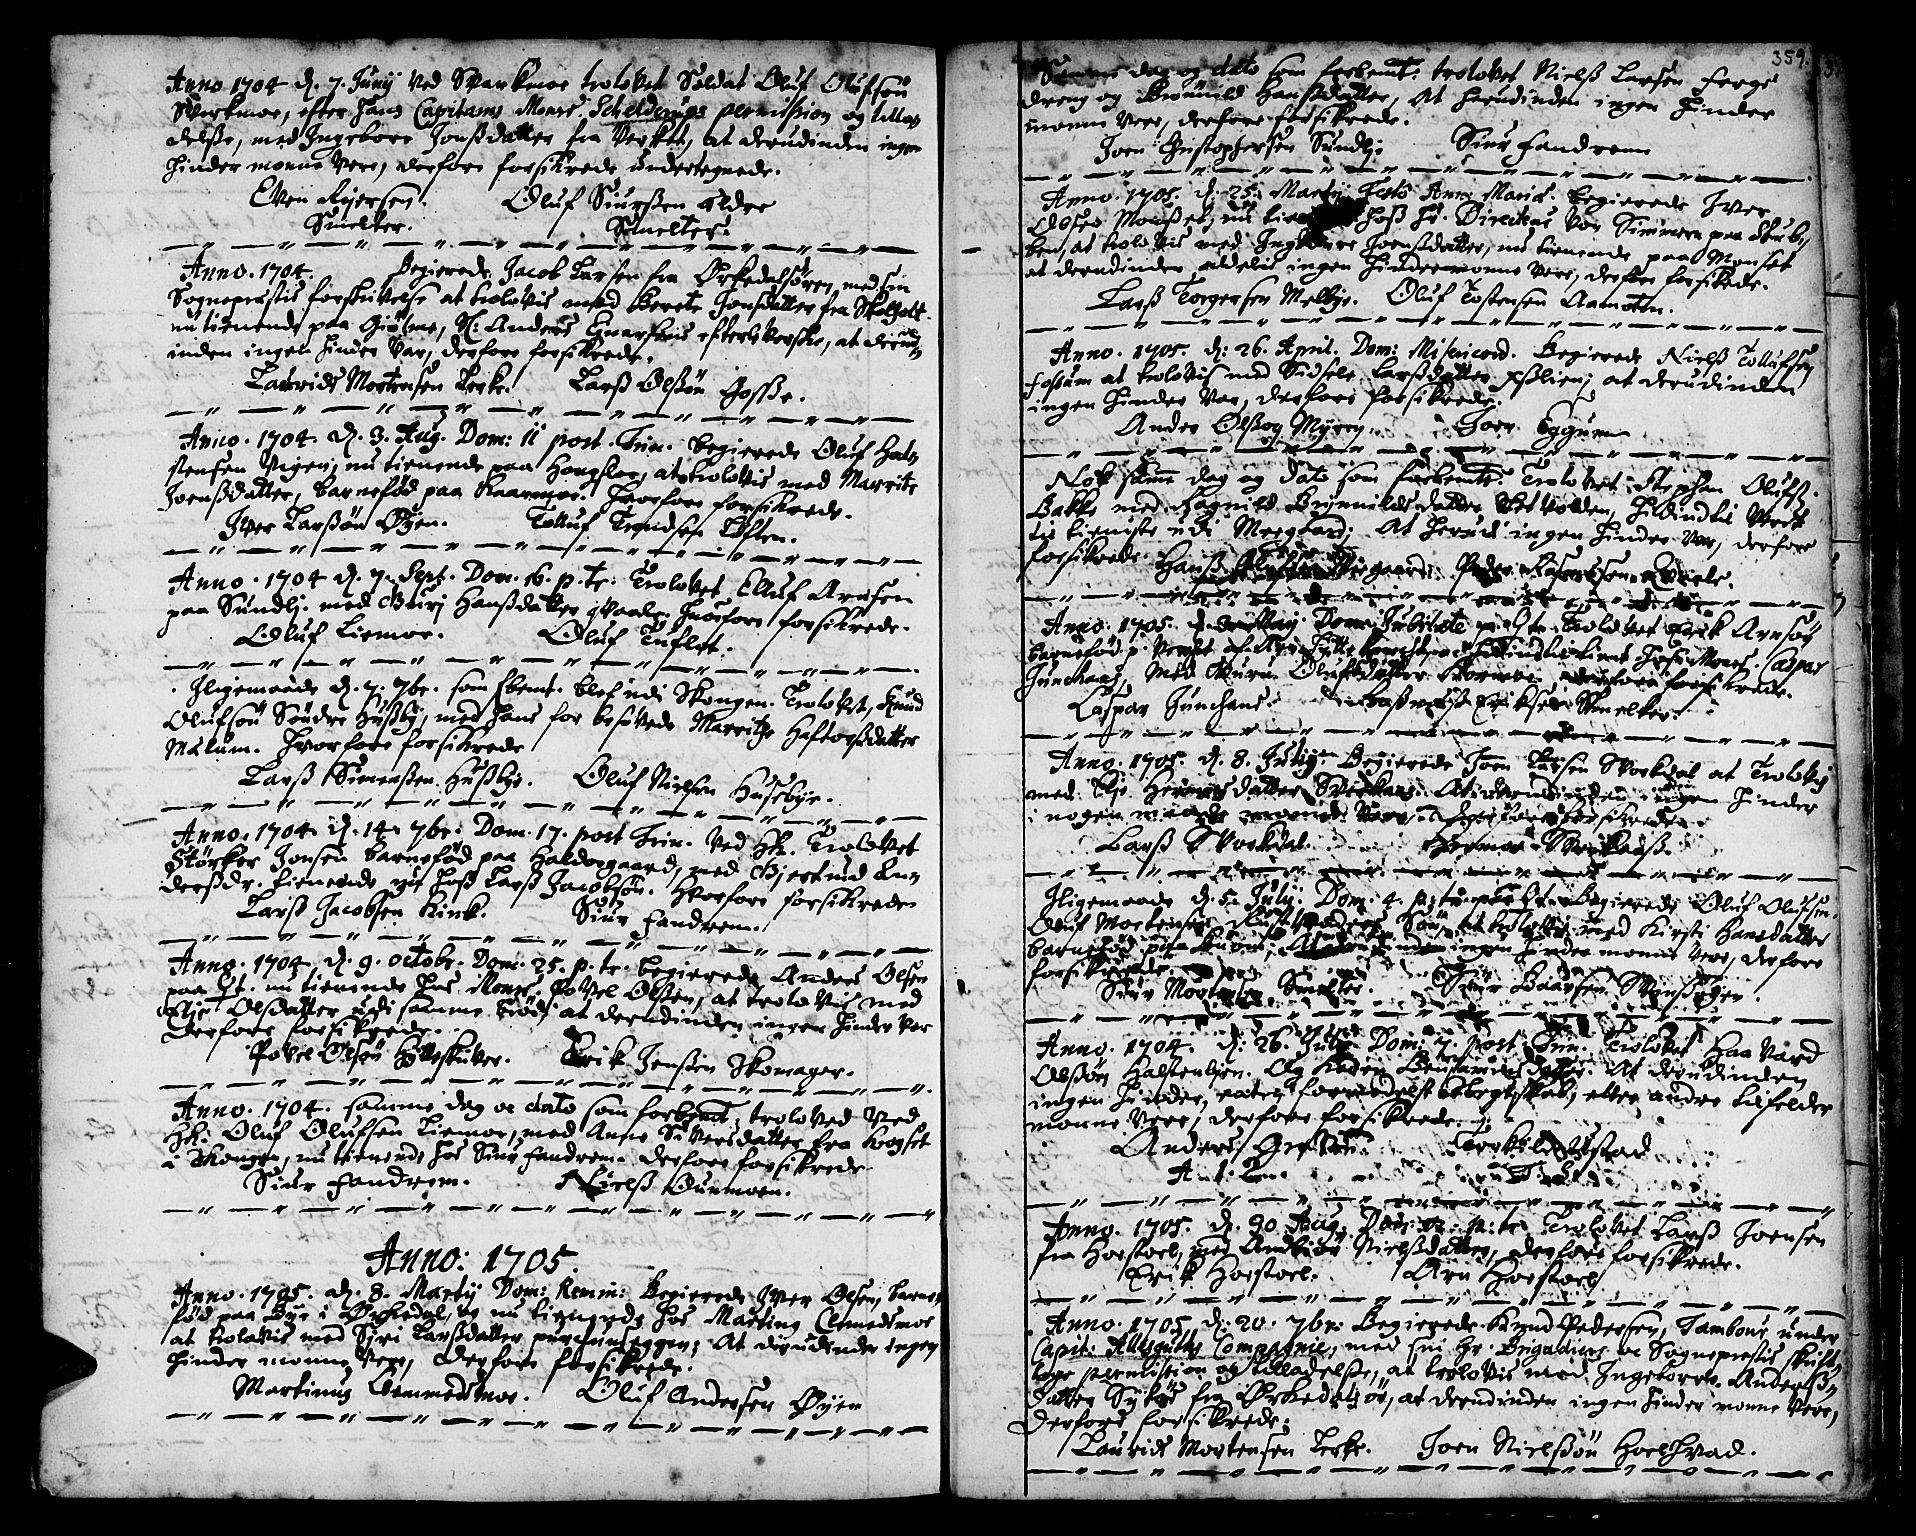 SAT, Ministerialprotokoller, klokkerbøker og fødselsregistre - Sør-Trøndelag, 668/L0801: Ministerialbok nr. 668A01, 1695-1716, s. 358-359